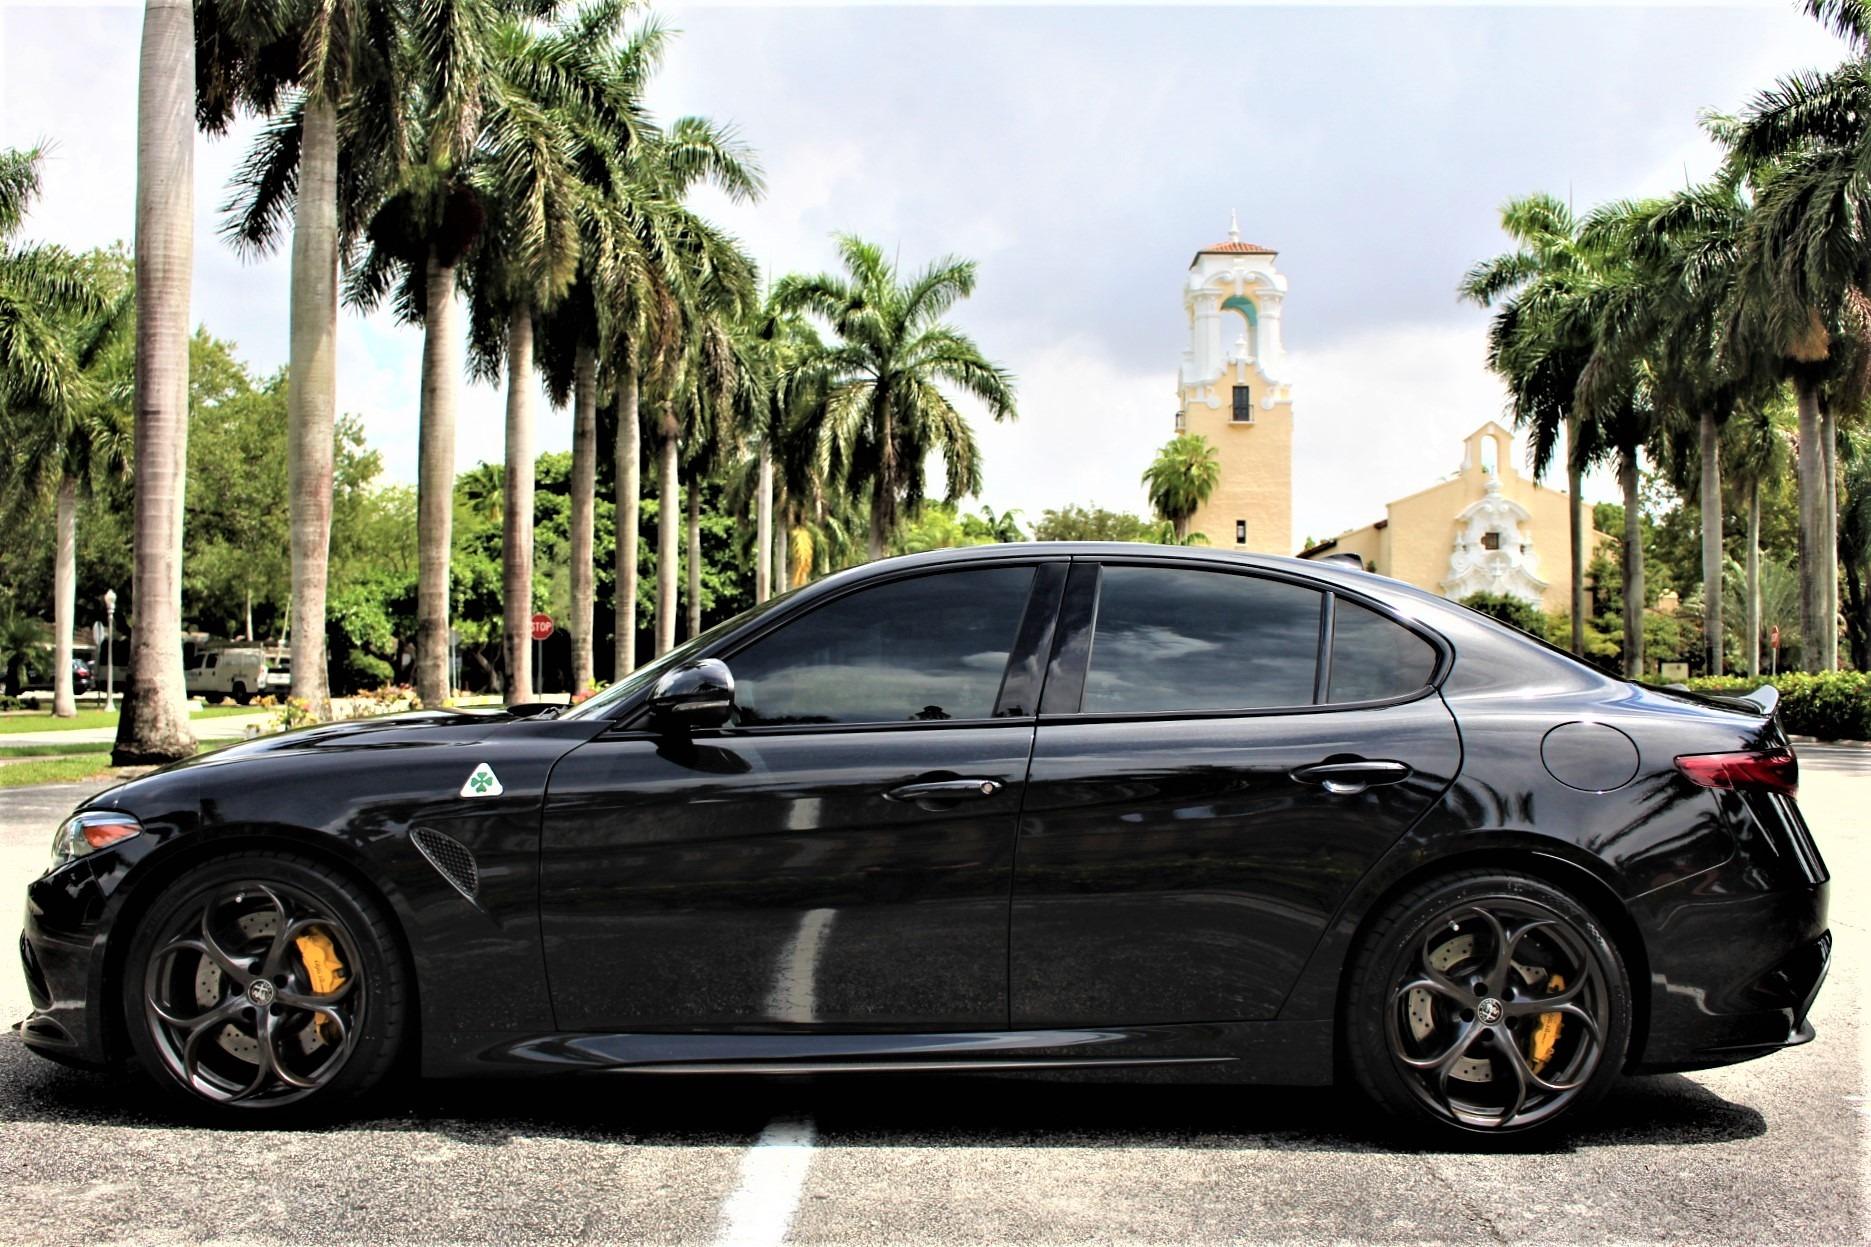 Used 2017 Alfa Romeo Giulia Quadrifoglio for sale Sold at The Gables Sports Cars in Miami FL 33146 2